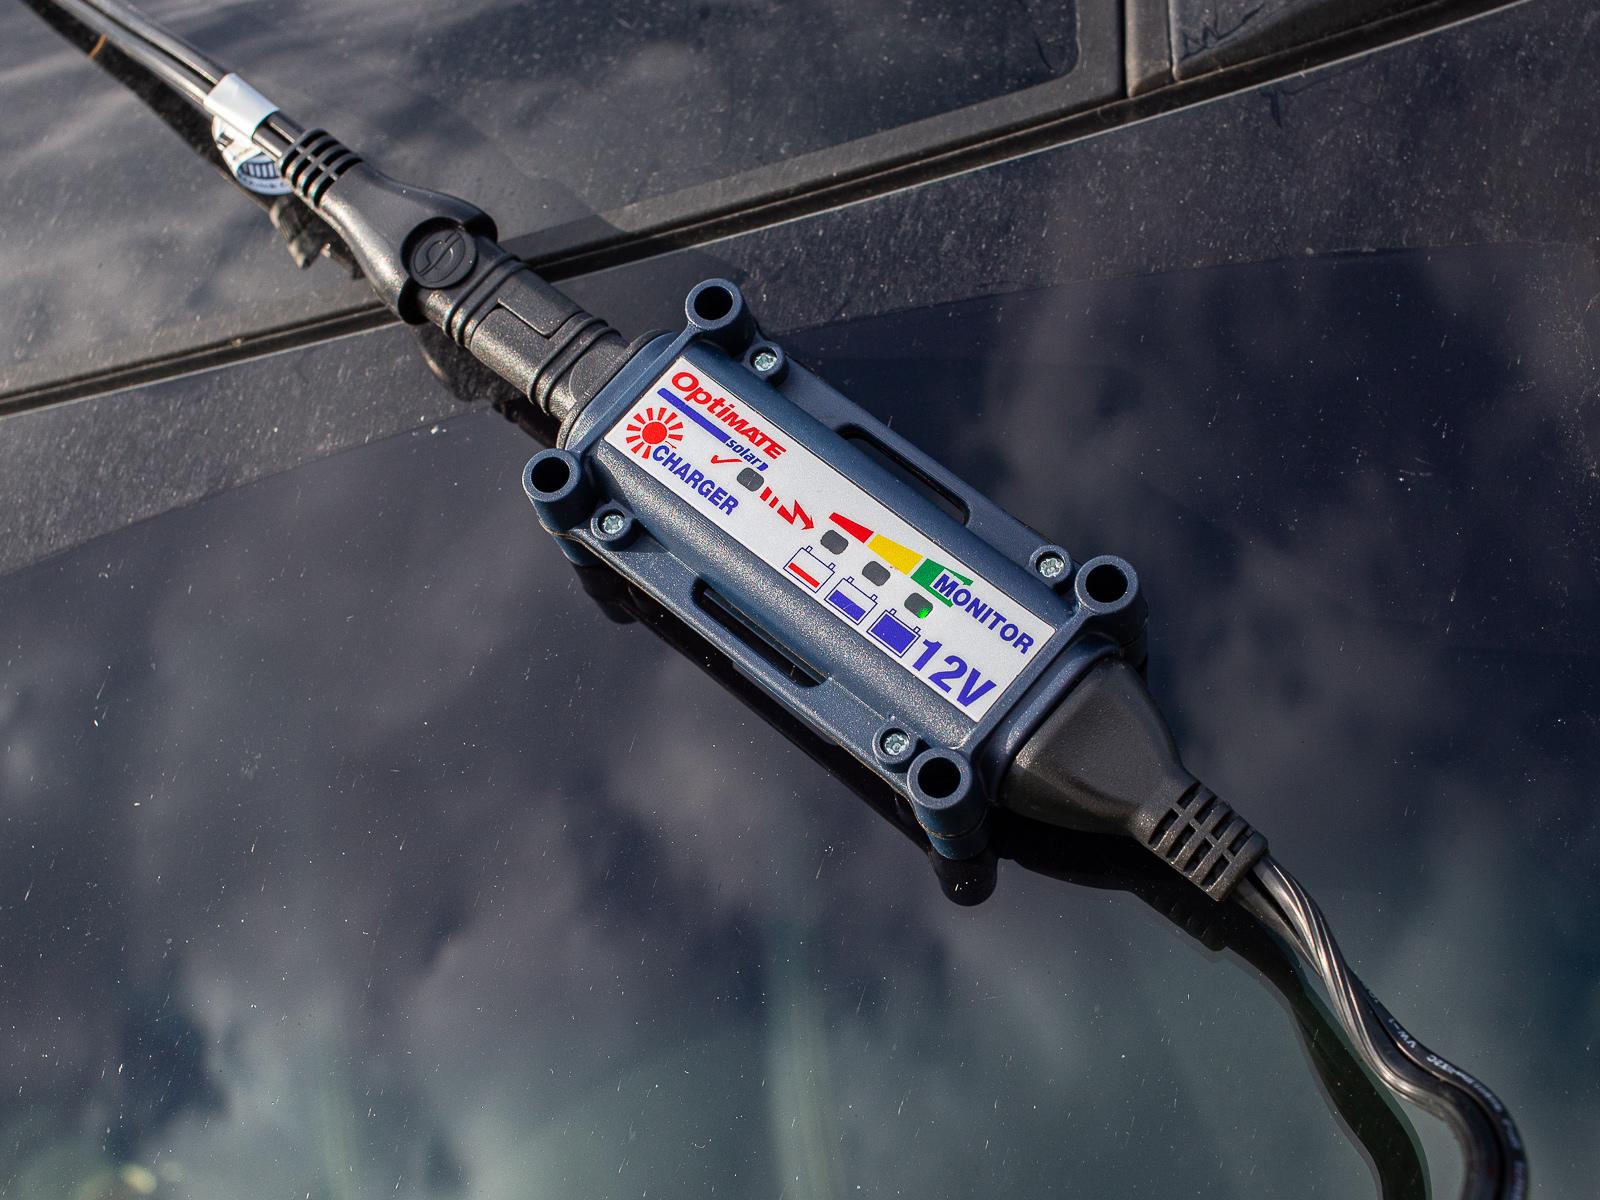 контроллер солнечной батареи панил optimate - Зарядка автомобильного аккумулятора с помощью солнечных батарей